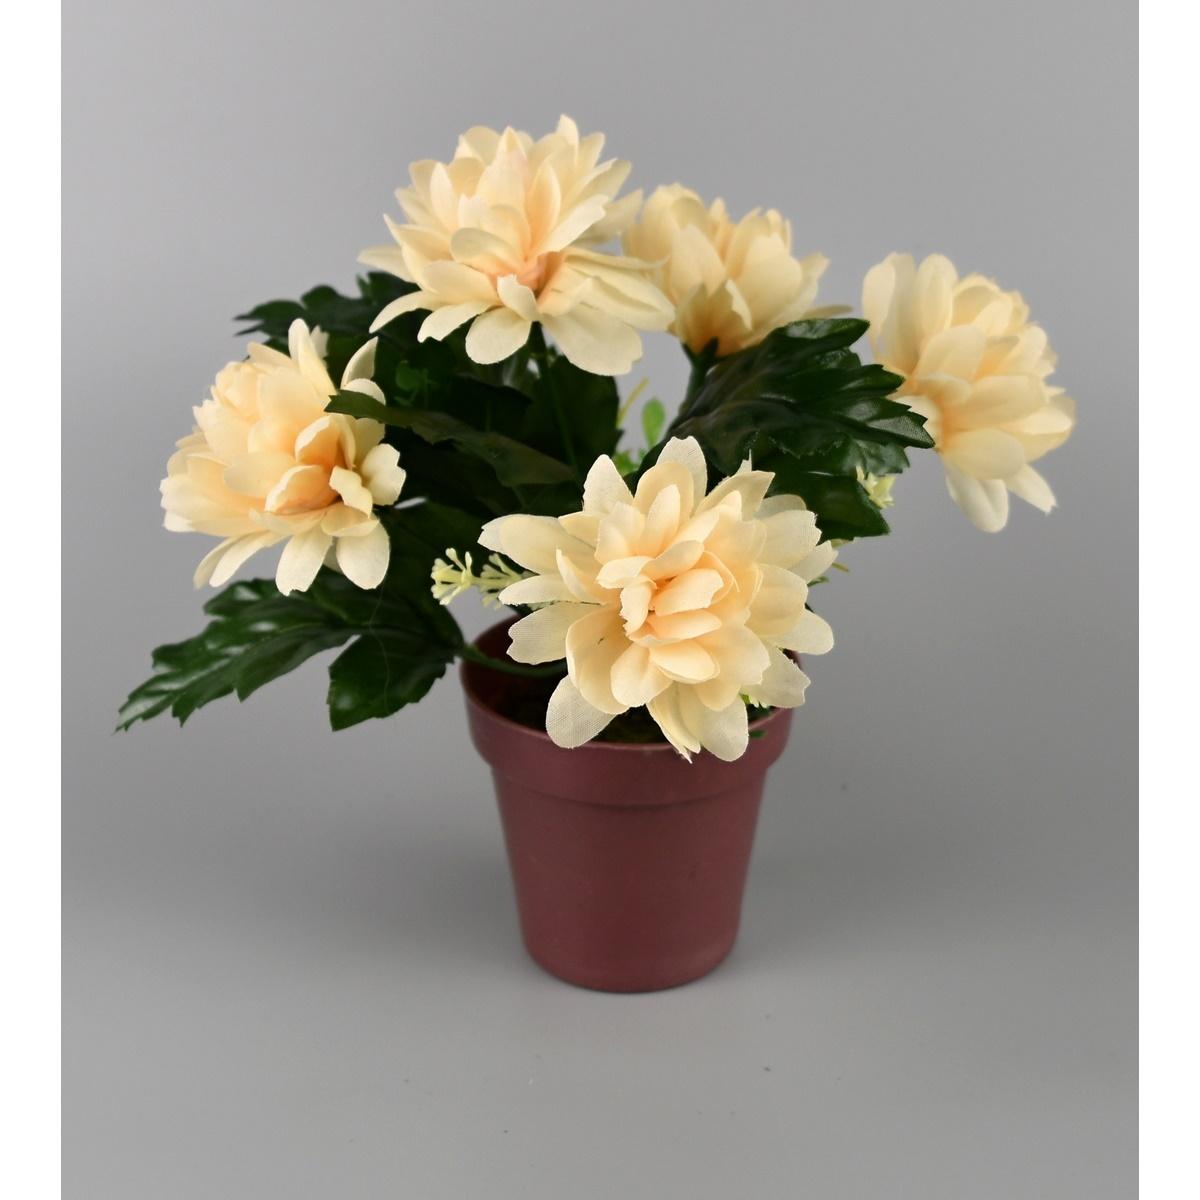 Umělá květina Chrysantéma v květináči 16 x 14 cm, krémová